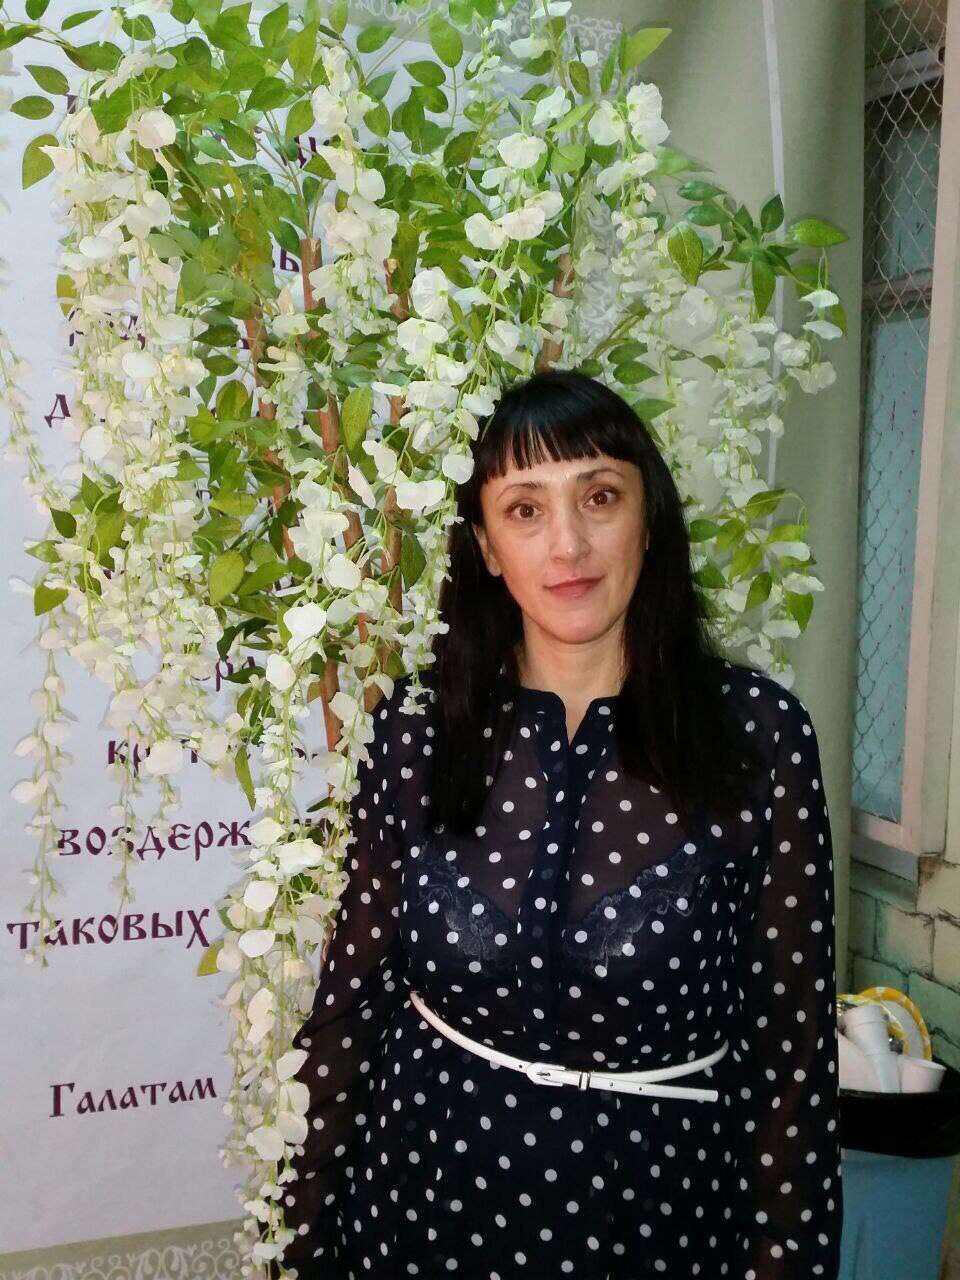 Оксана Берникова | Обида прошла, Бог поменял мое сердце